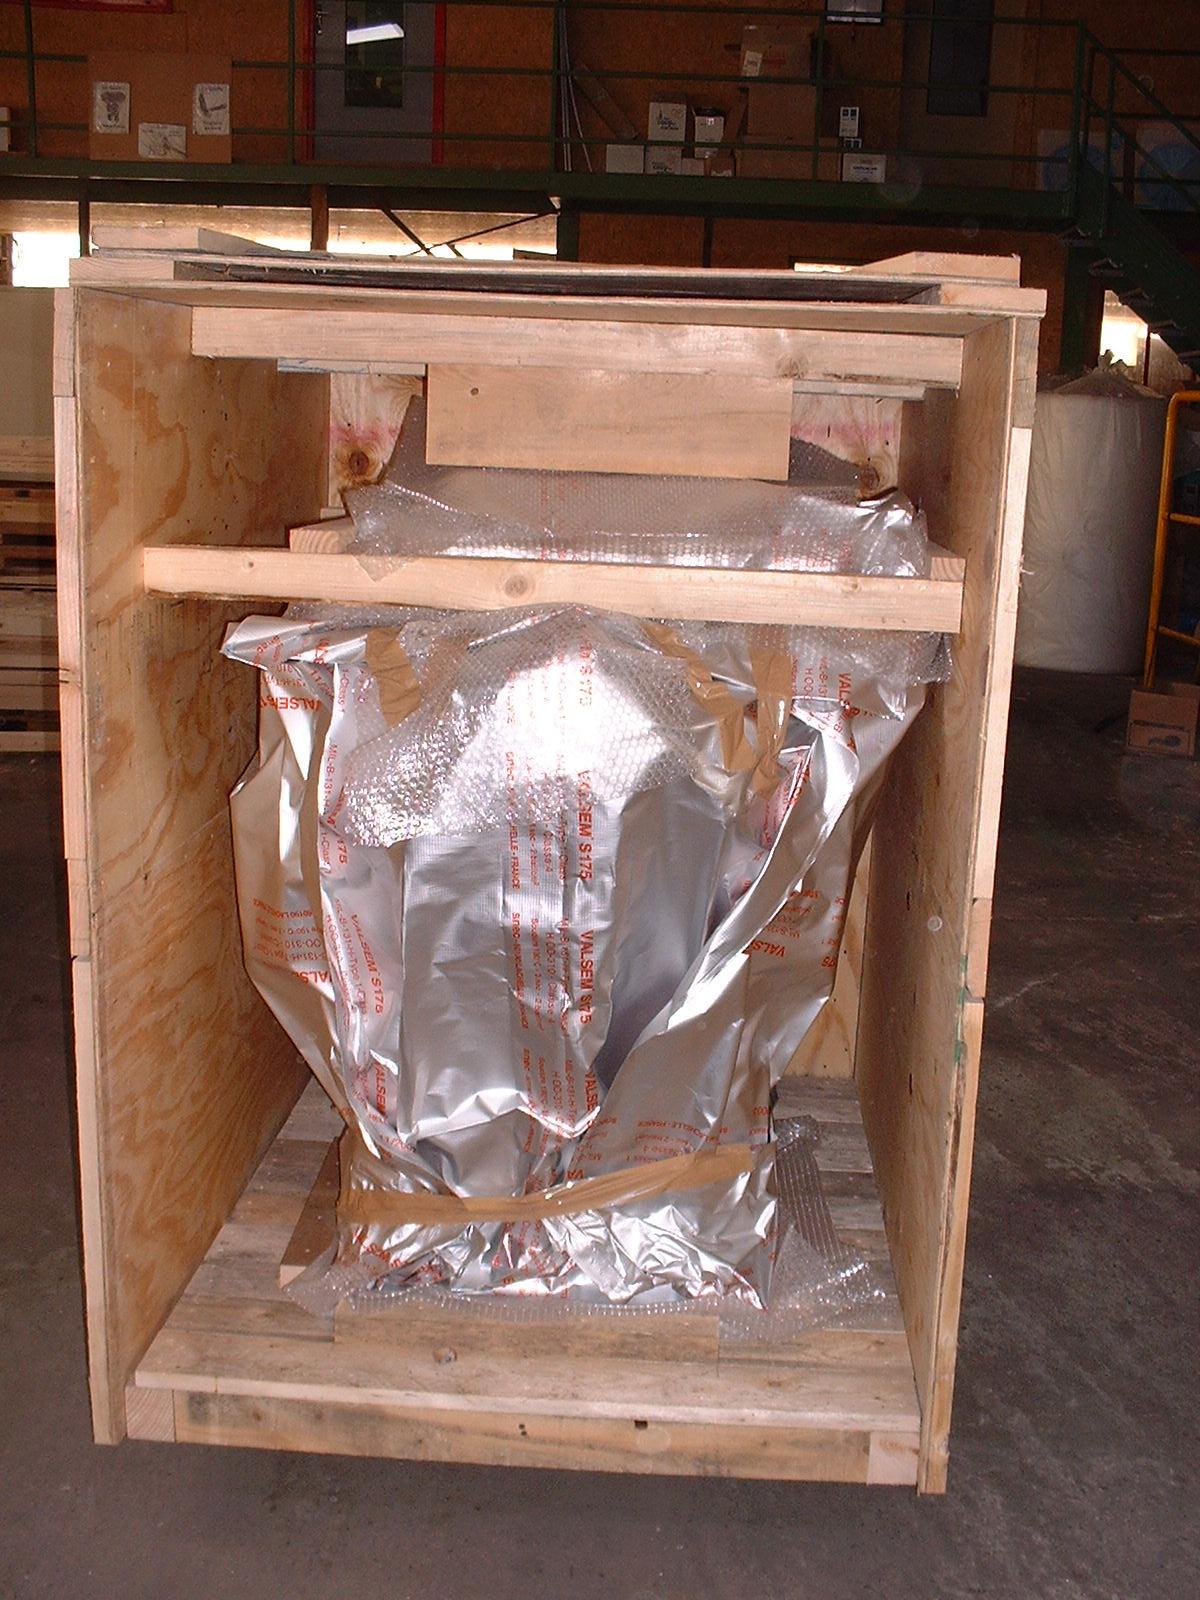 Préparation d'emballage catégorie 4C - lagreulet emballage (6)